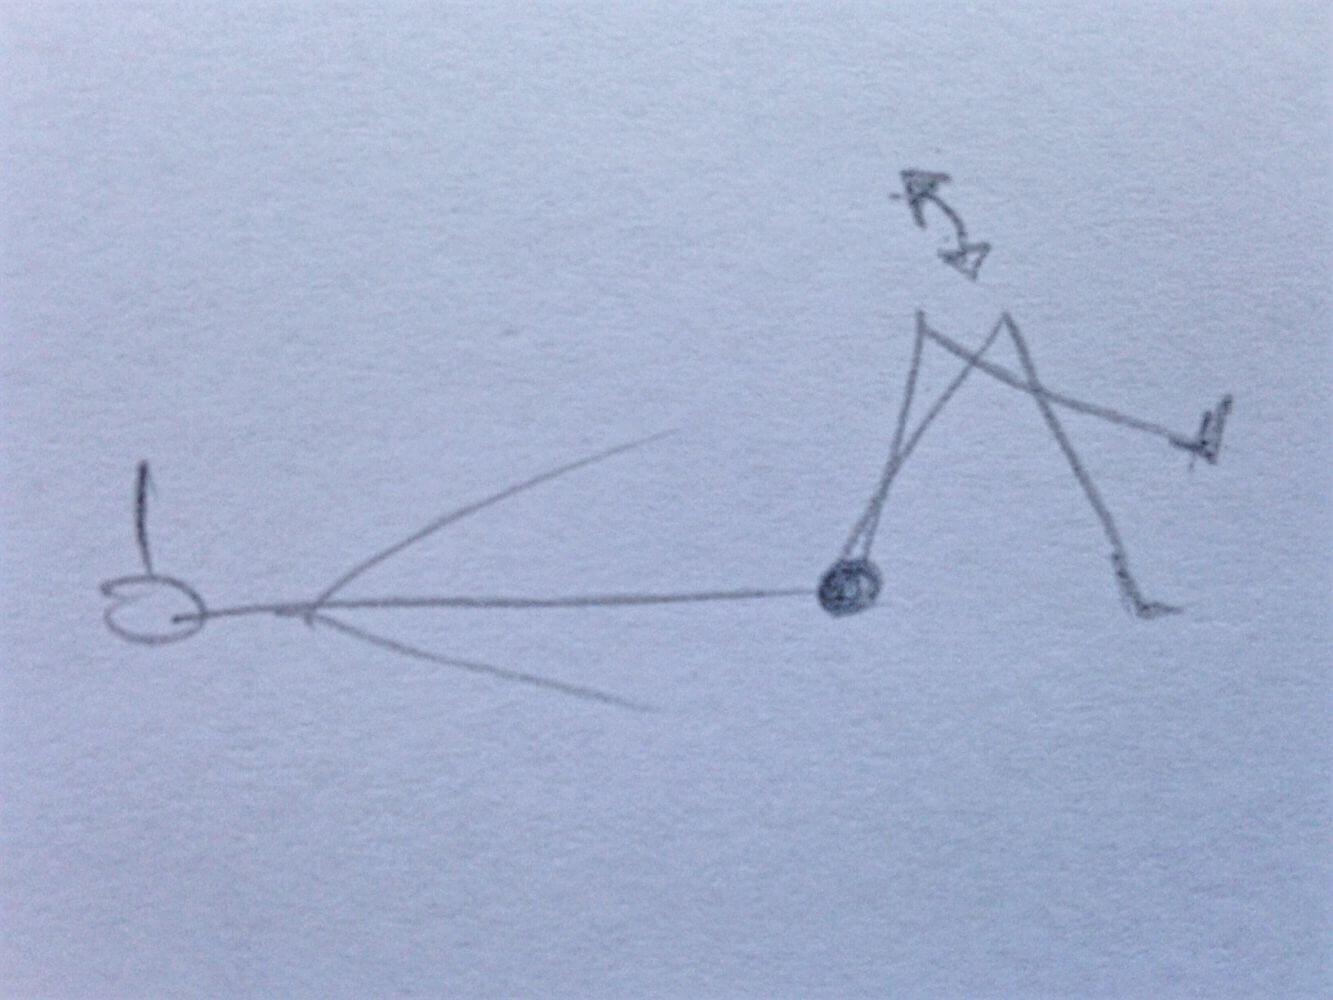 Aus der Rückenlage ein Knie über das andere schlagen und dann langsam seitwärts schaukeln, ggf. den Kopf entgegengesetzt mitschwingen